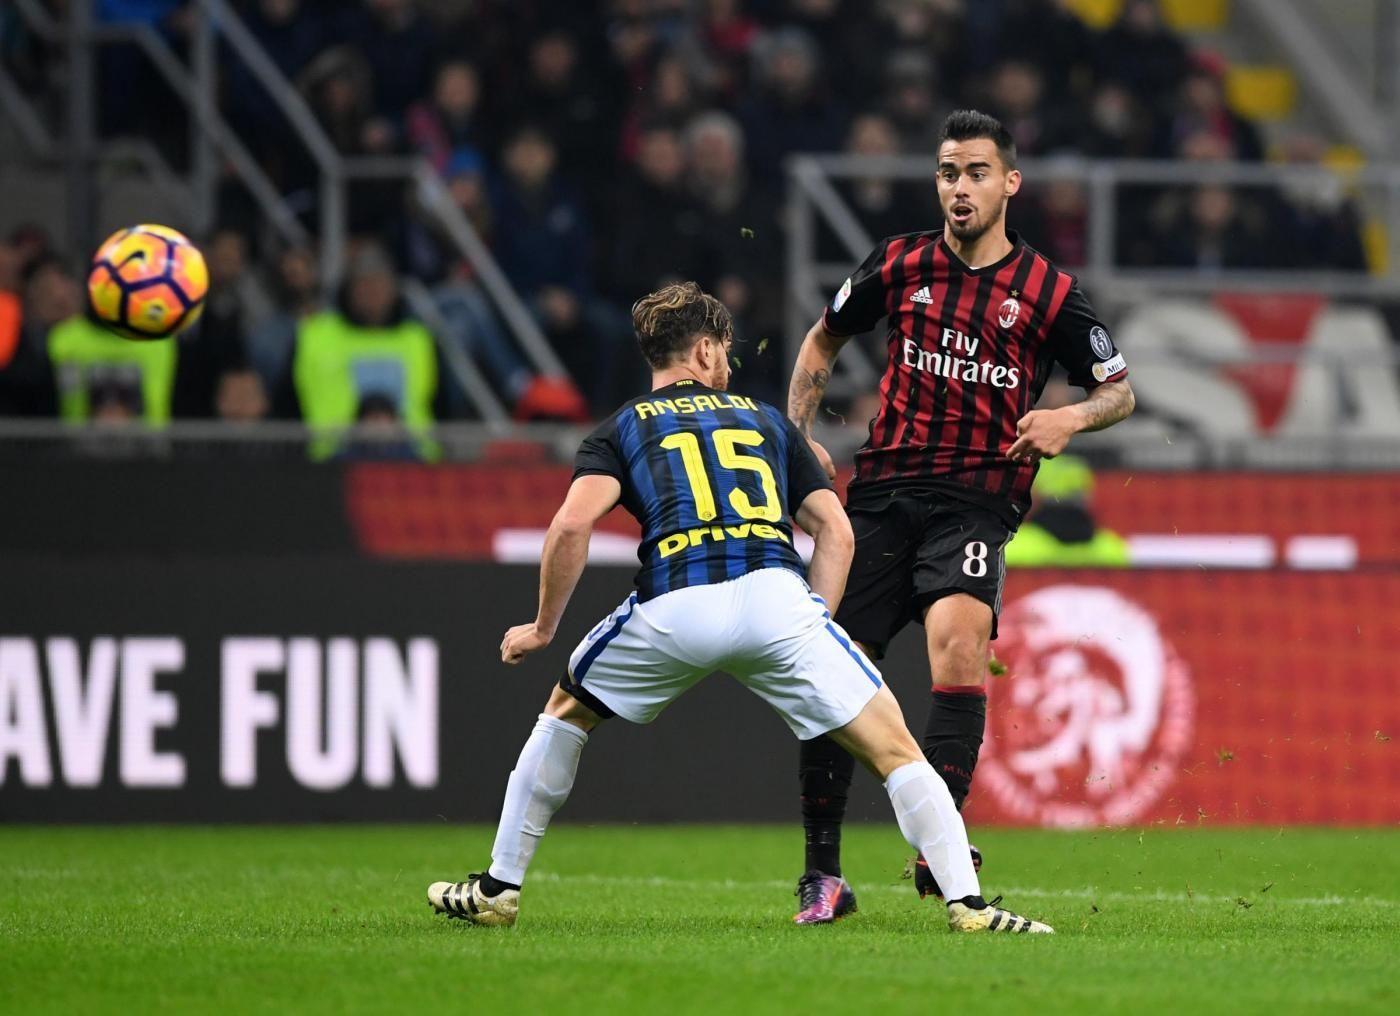 Calcio, Serie A: finisce in pareggio 2 2 il derby di Milano